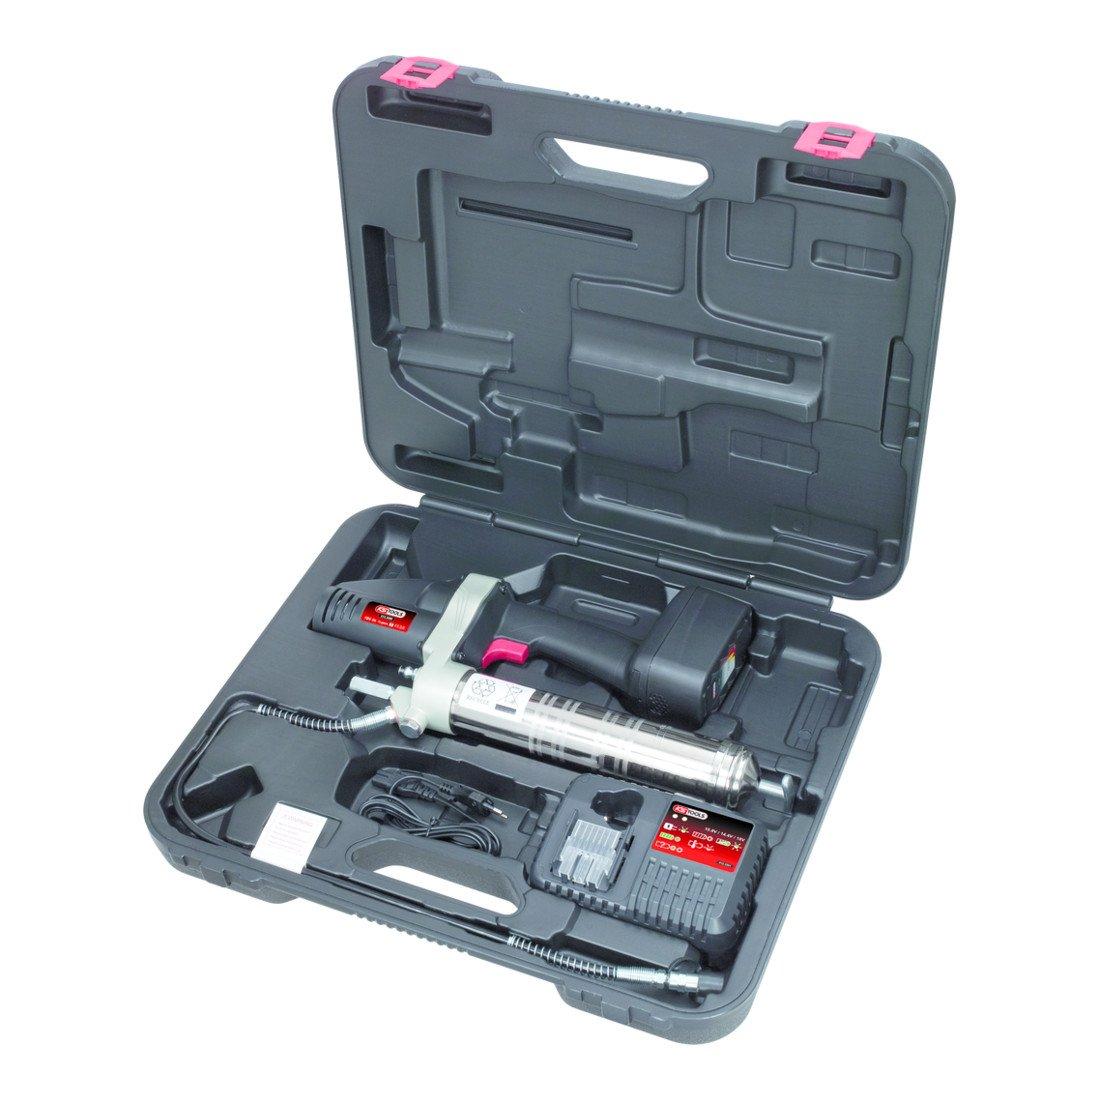 KS Tools 515.3560 400 ml Akku-Fettpresse 18V 420bar mit 1 Akku und 1 Ladeger/ät